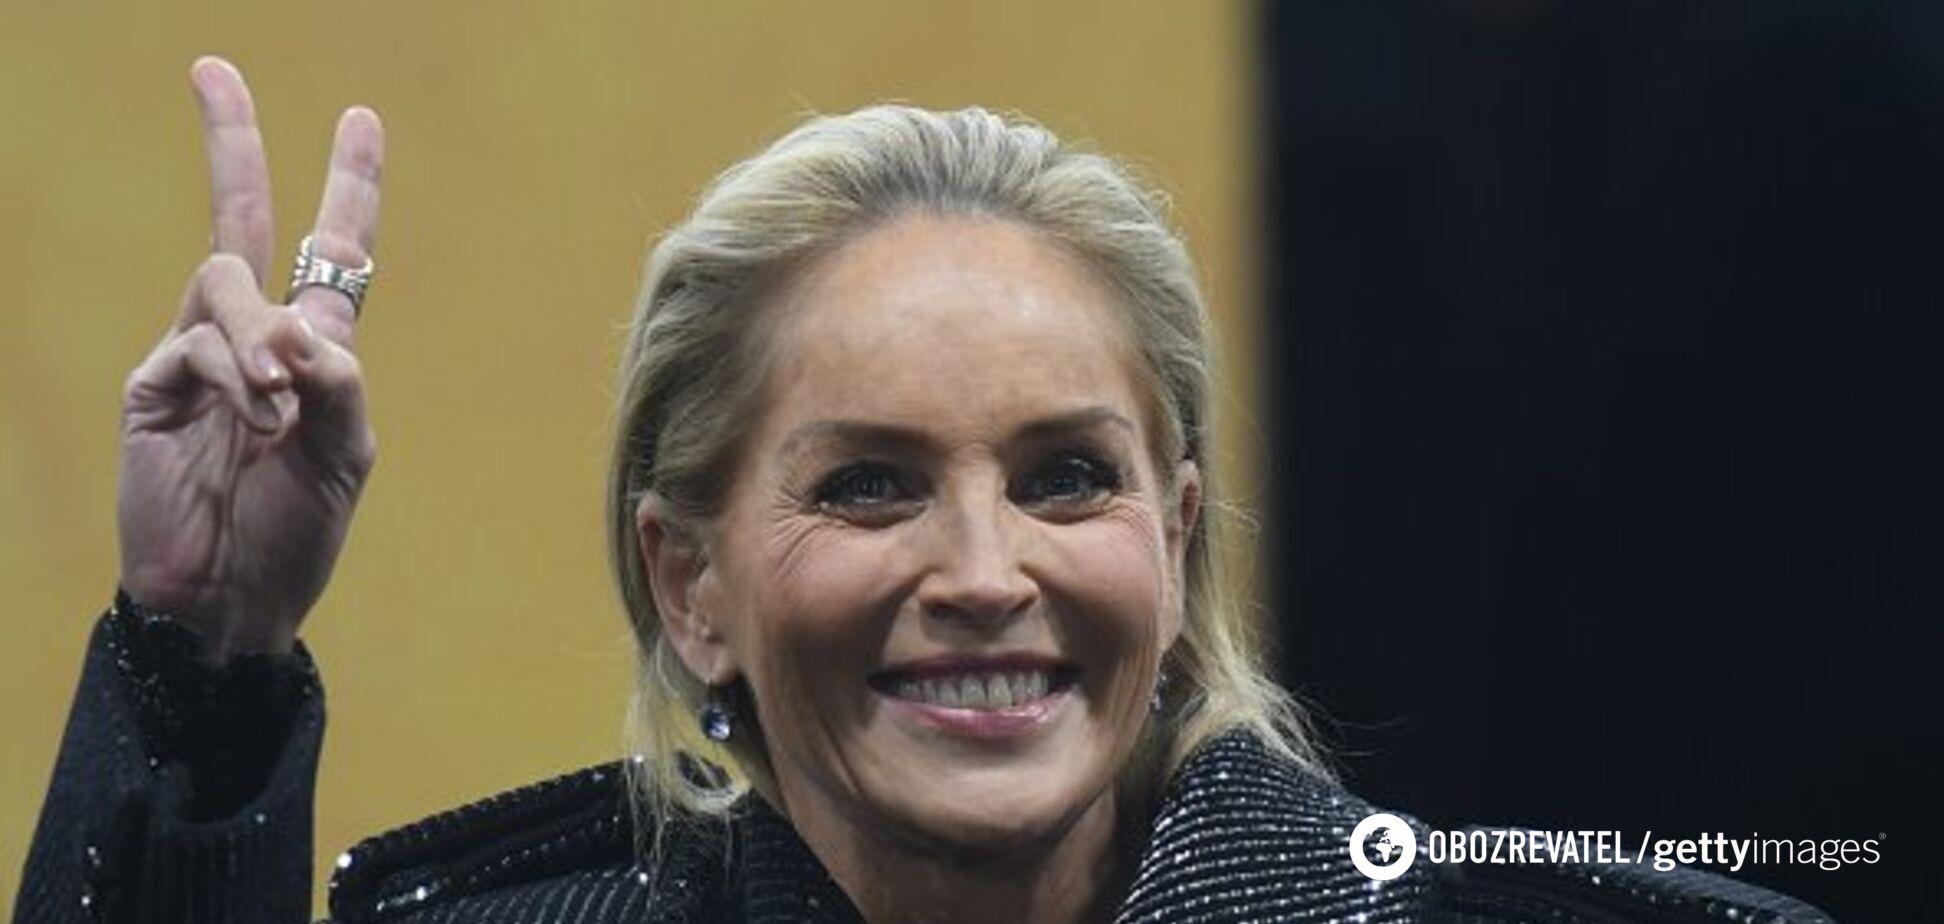 Без ліфчика та макіяжу: 61-річну Шерон Стоун застукали в салоні краси